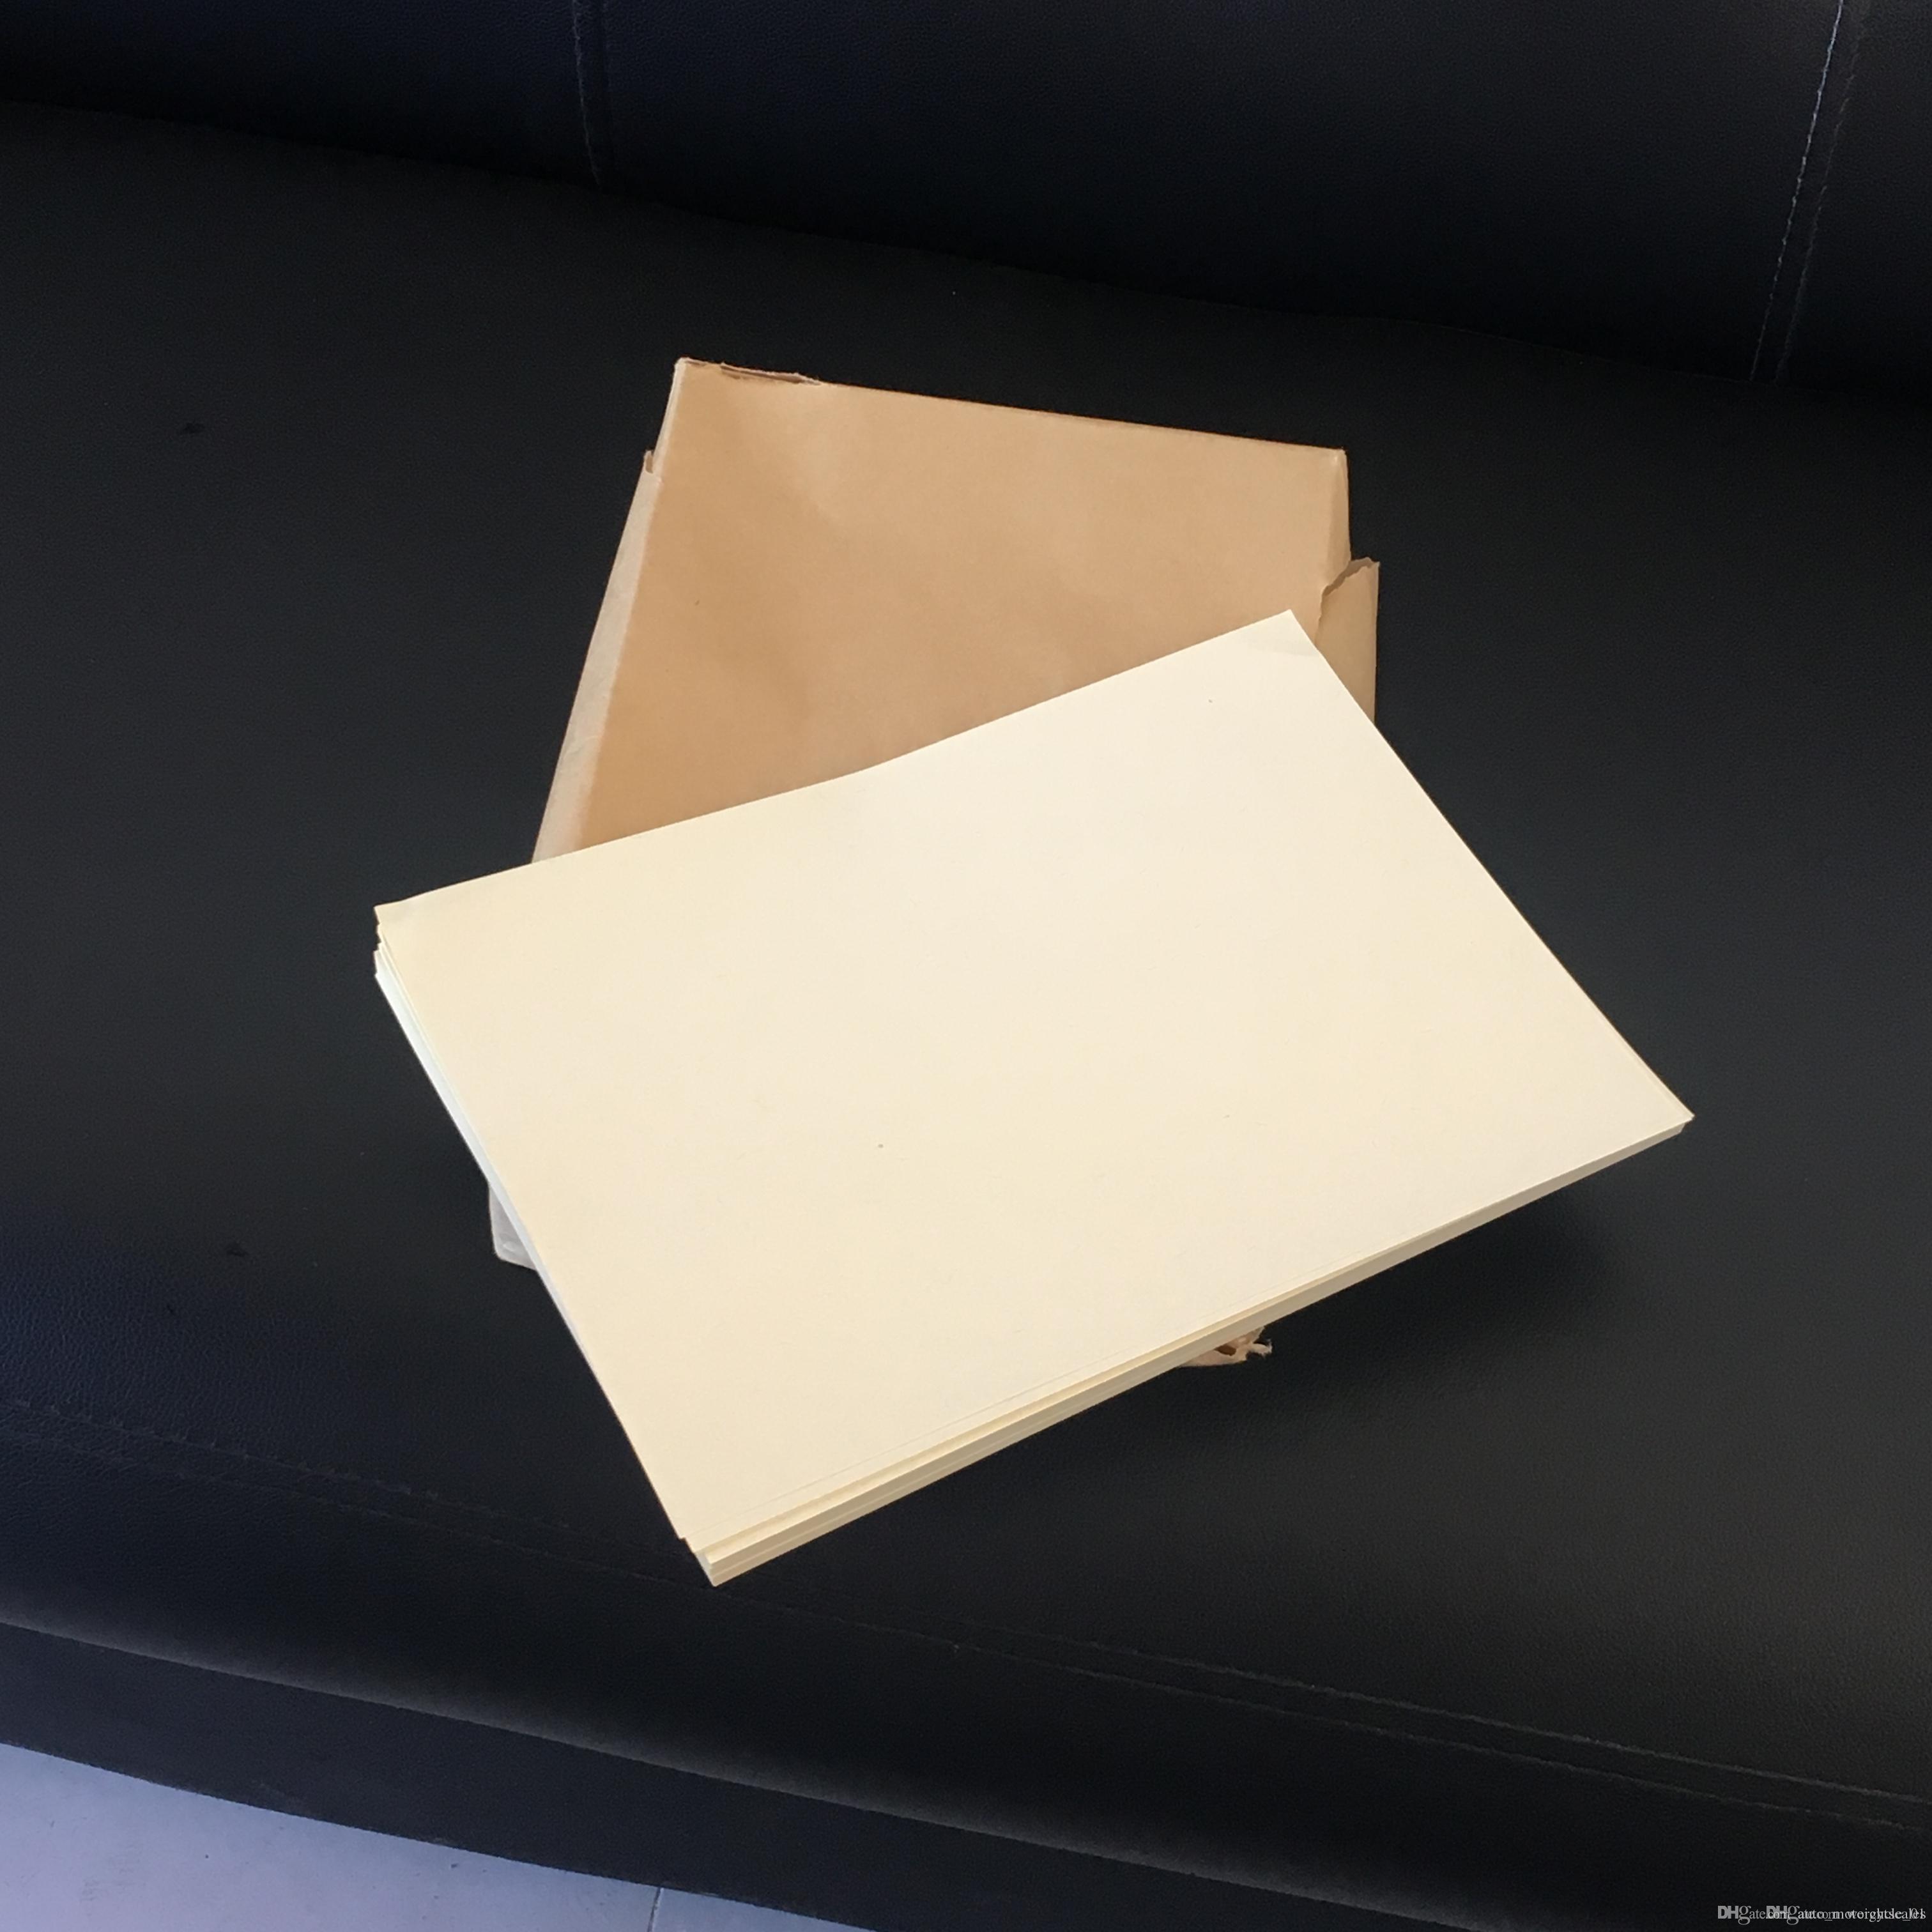 papel hojas de bonos 75% algodón 25% papel de prueba pluma pase lino falsificación de papel Beige de color 8.5in * 11in